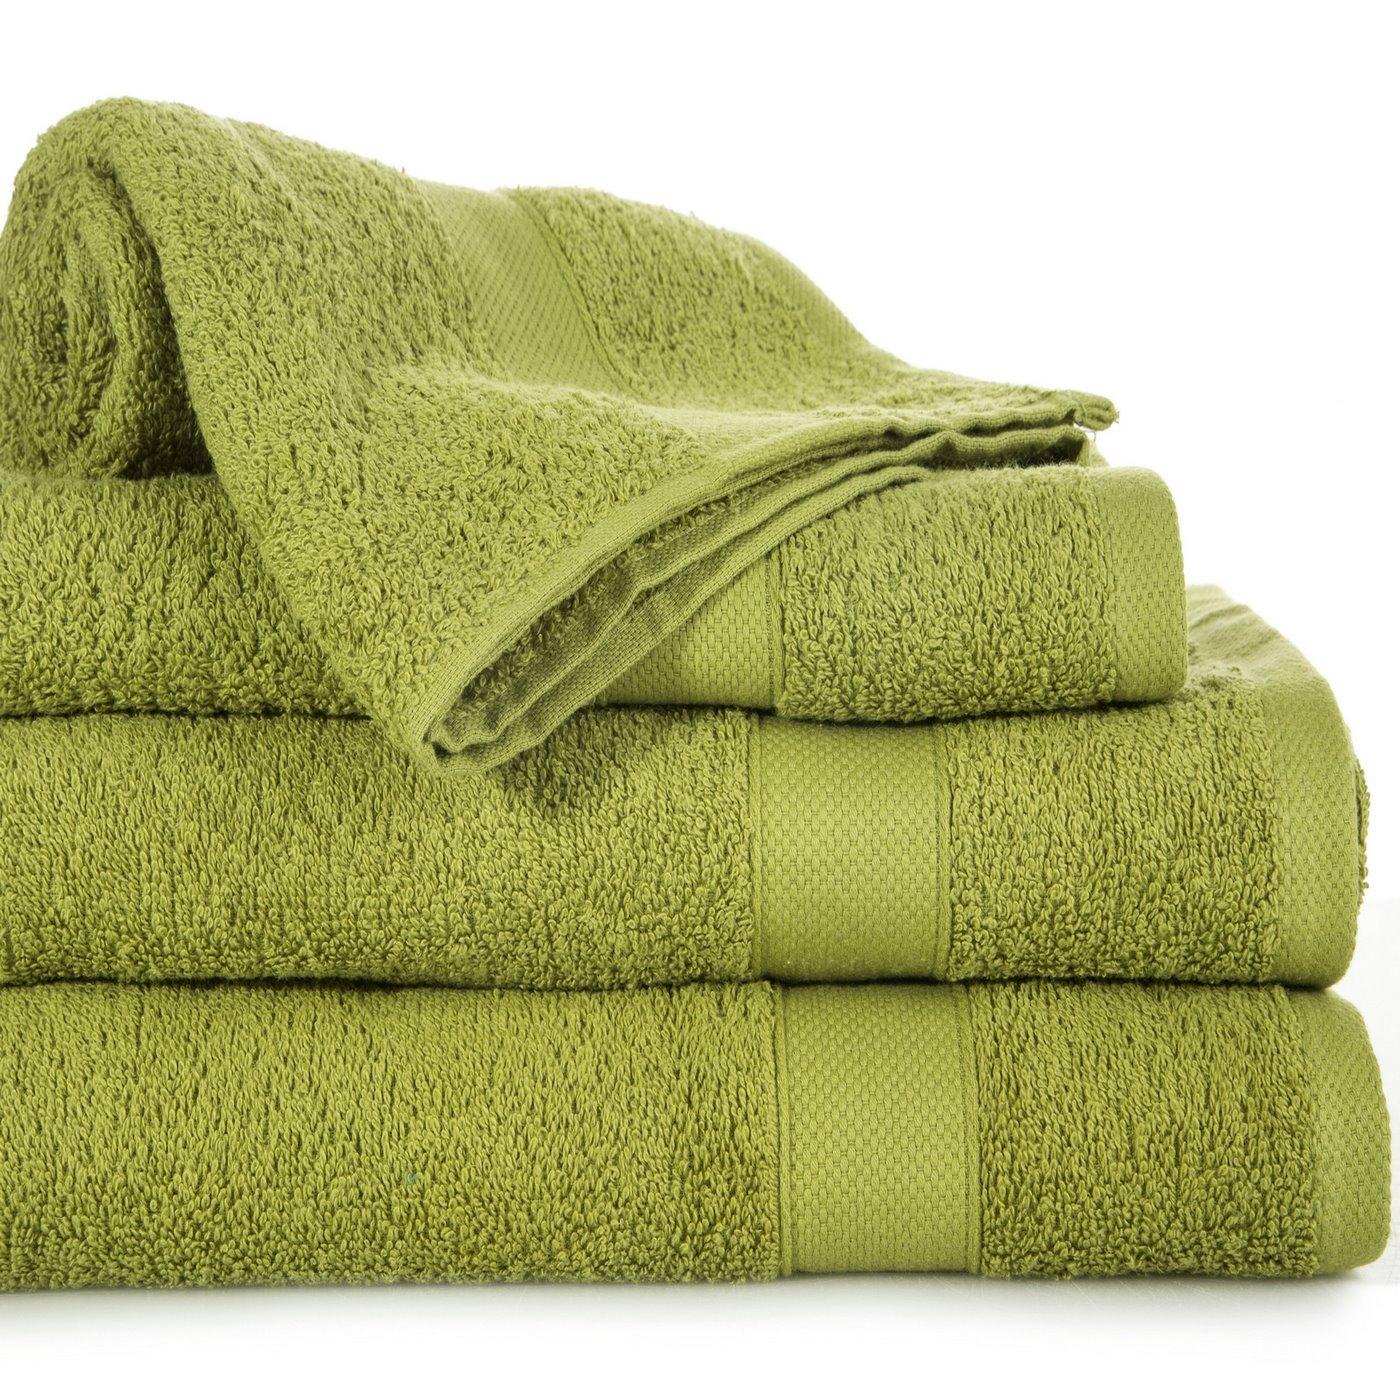 Miękki chłonny ręcznik kąpielowy oliwkowy 50x90